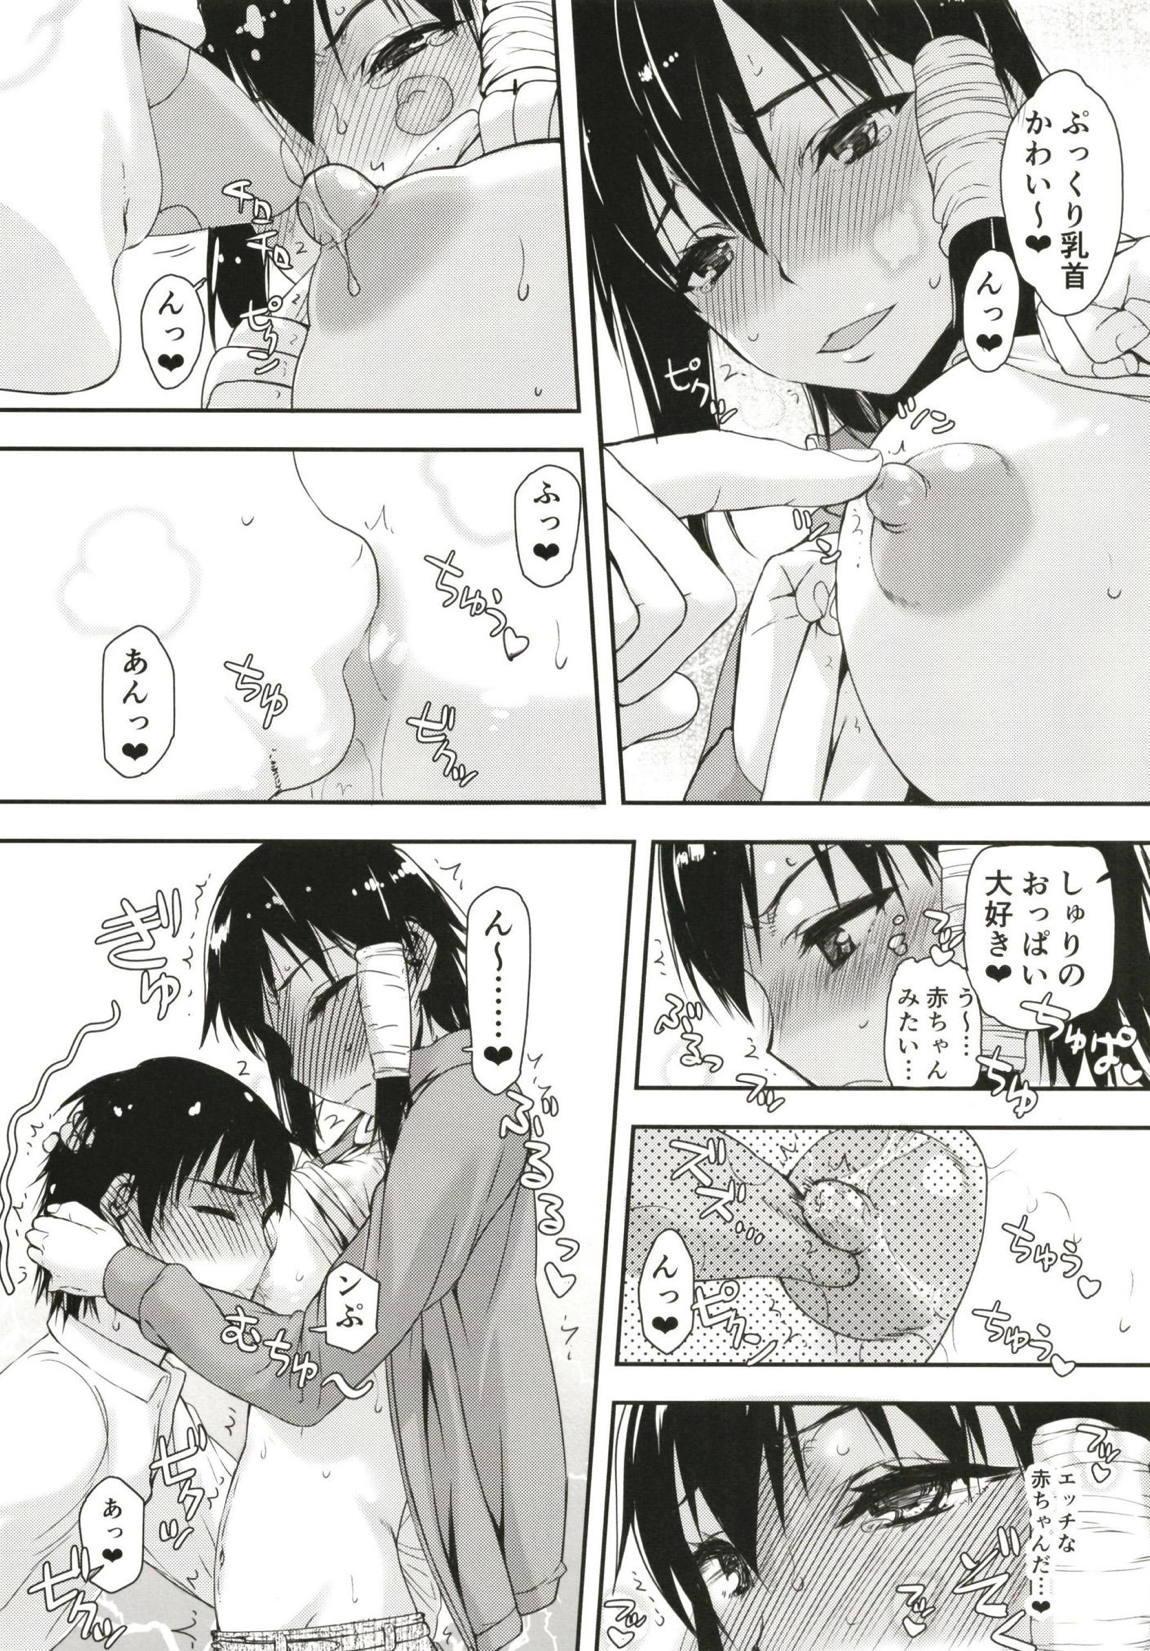 Komori-san no Kotowarikata 03 6